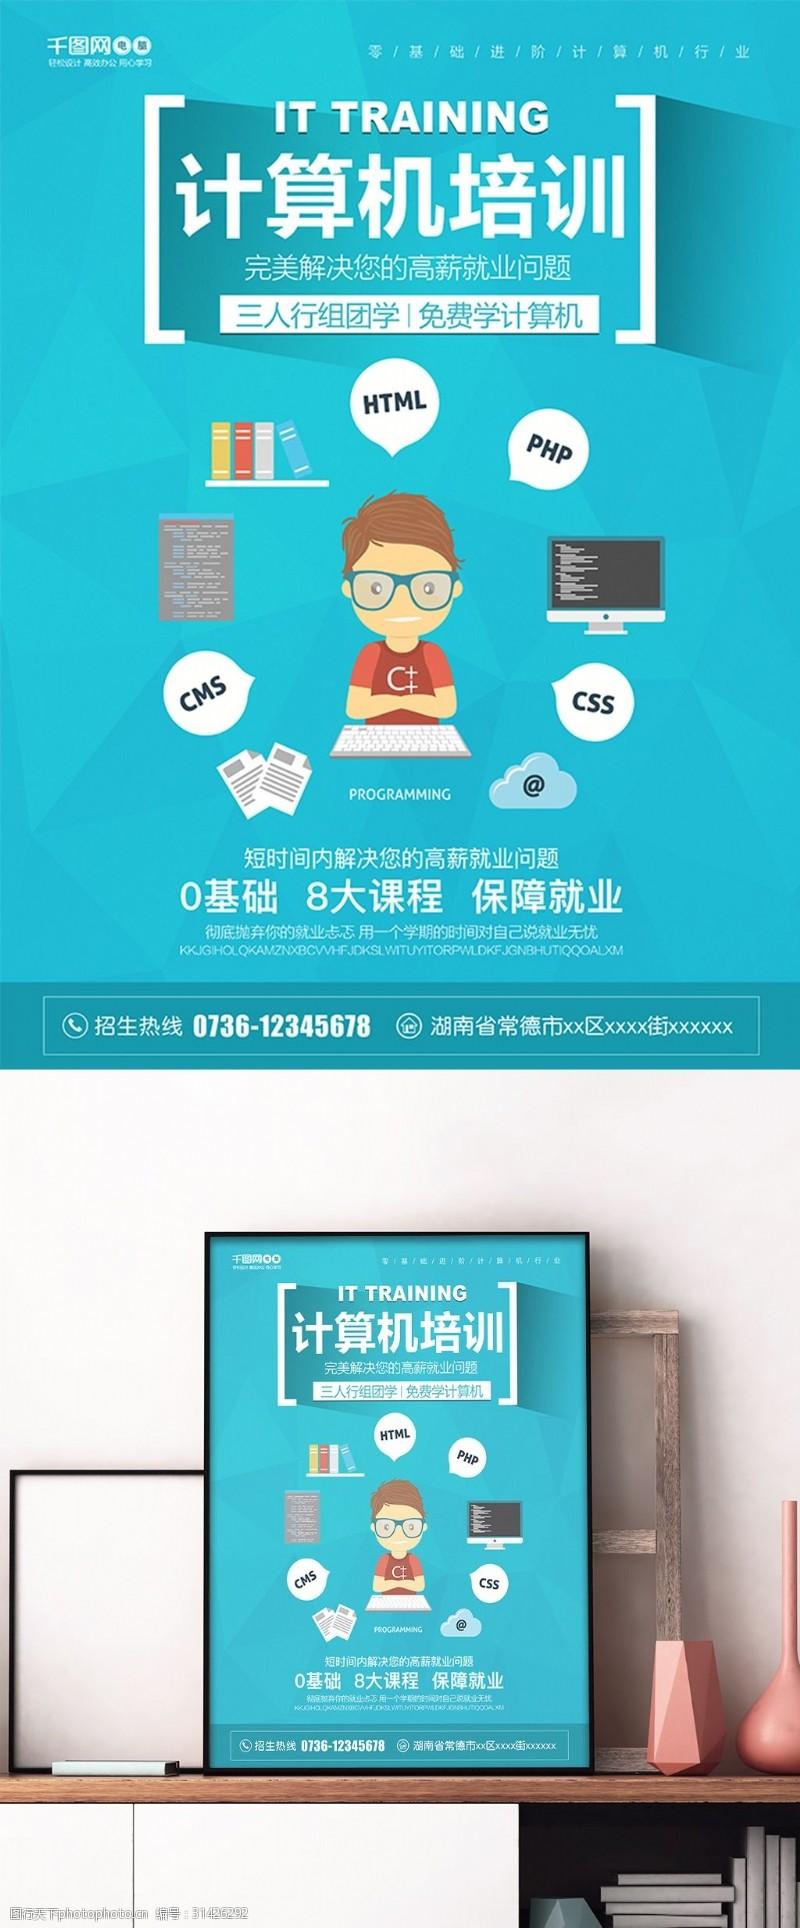 蓝色简约扁平化计算机培训技能培训海报设计